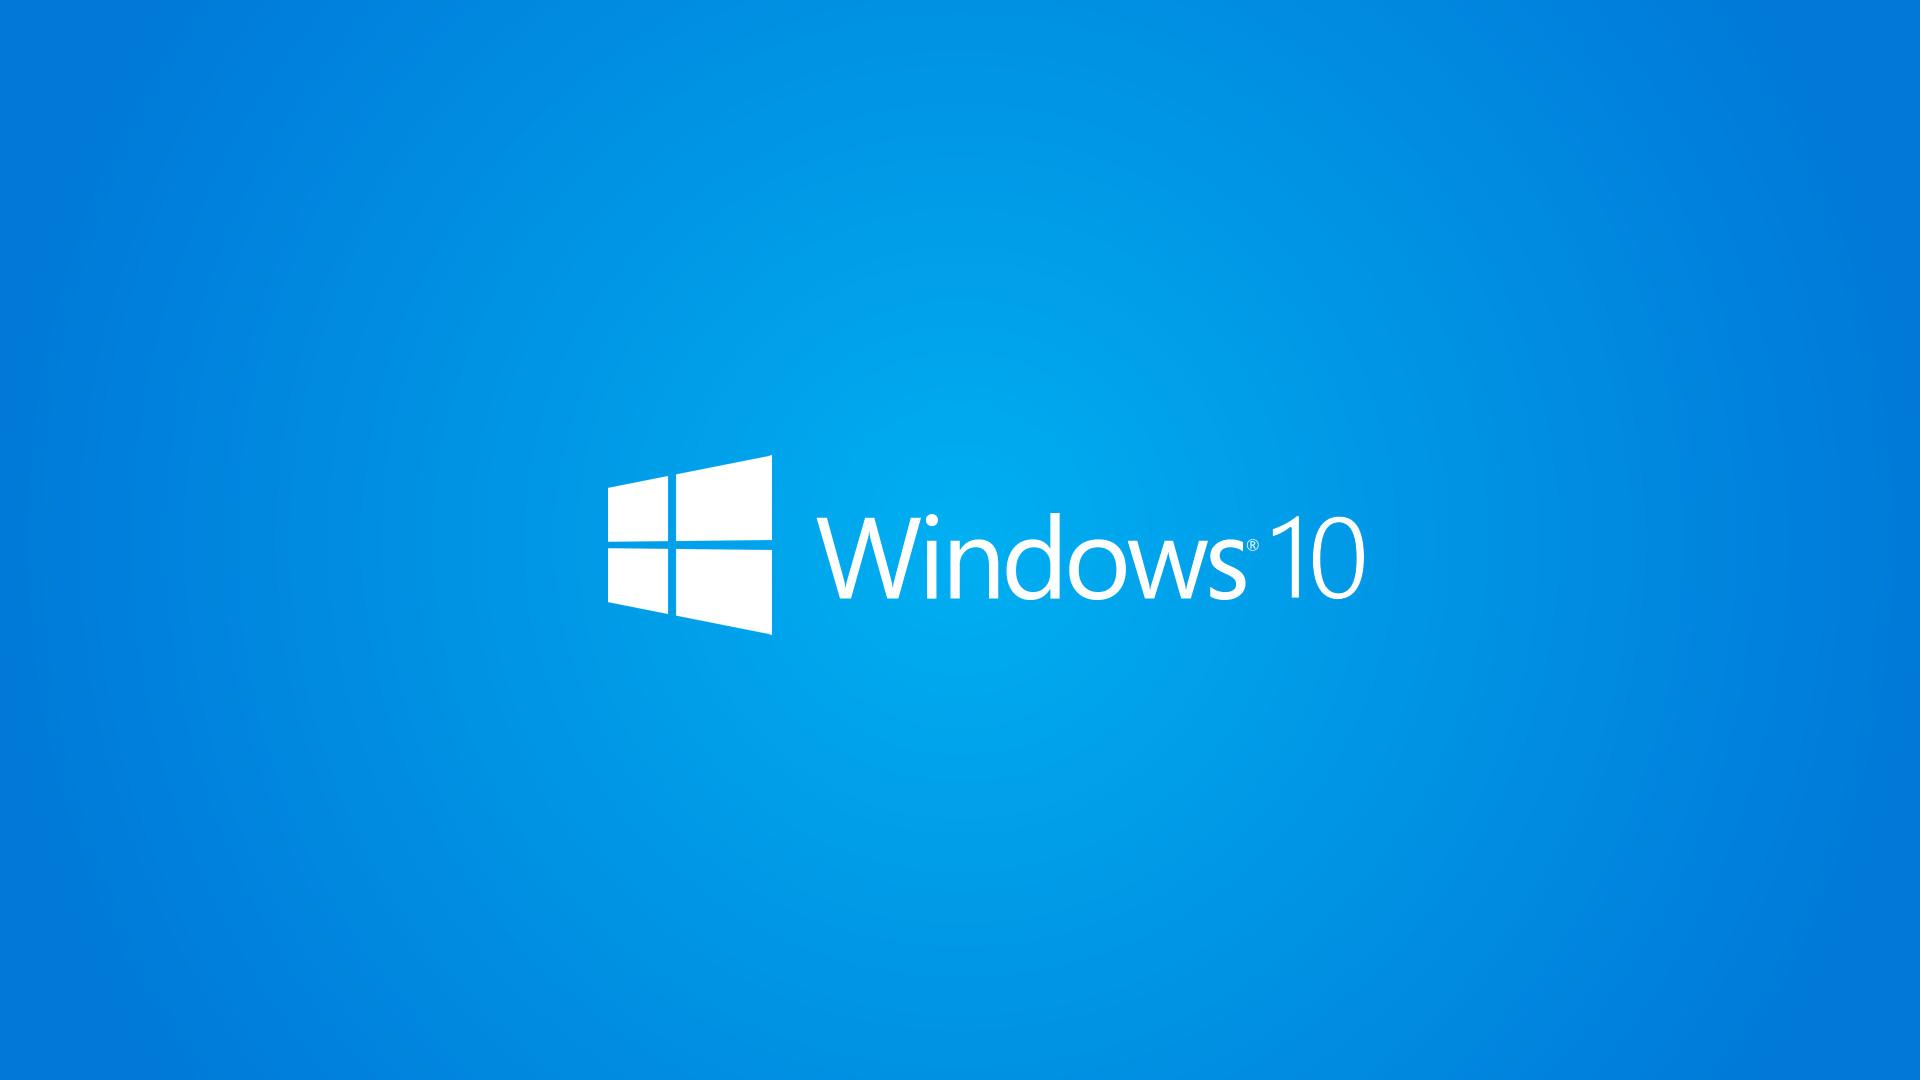 Windows 10 Wallpaper 1080p Full HD White Logo Blue Background